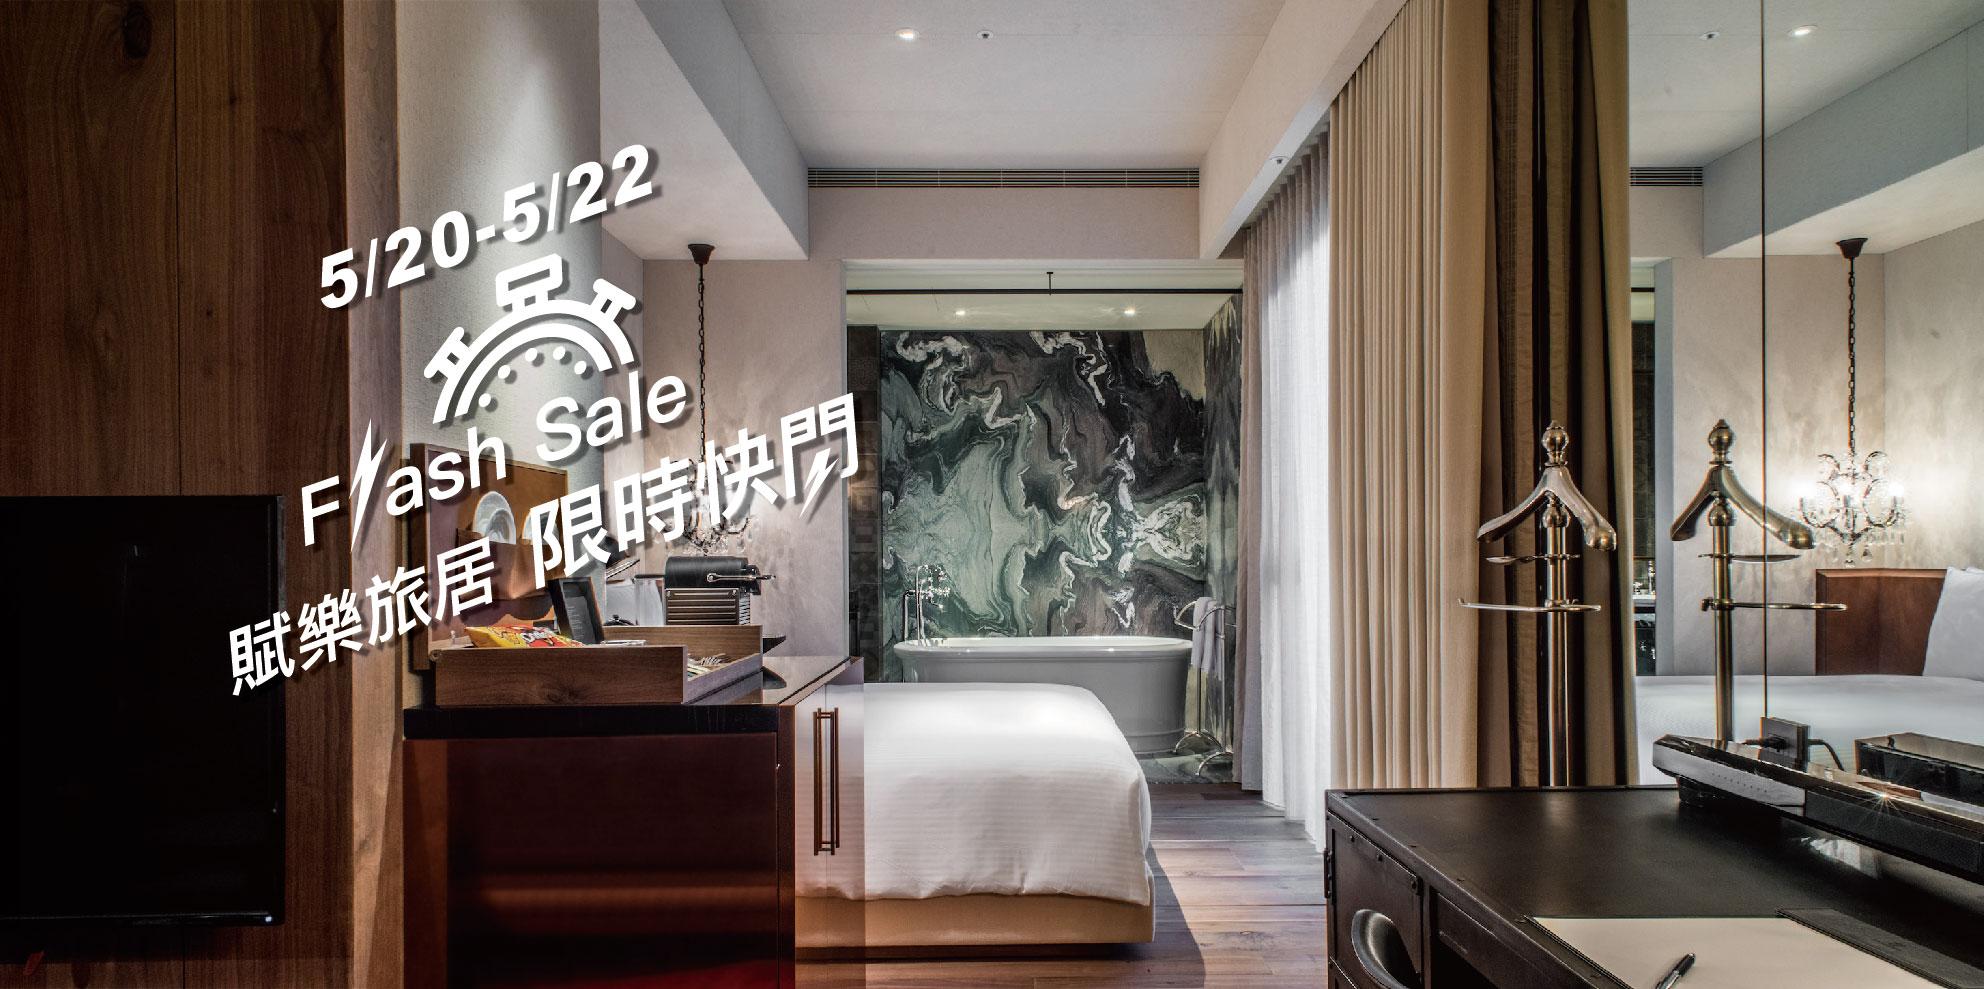 即時熱門文章:台北超質感飯店促銷,3XXX可入住!可SNP、太狂工業風、電影看到飽、mini bar吃到飽~